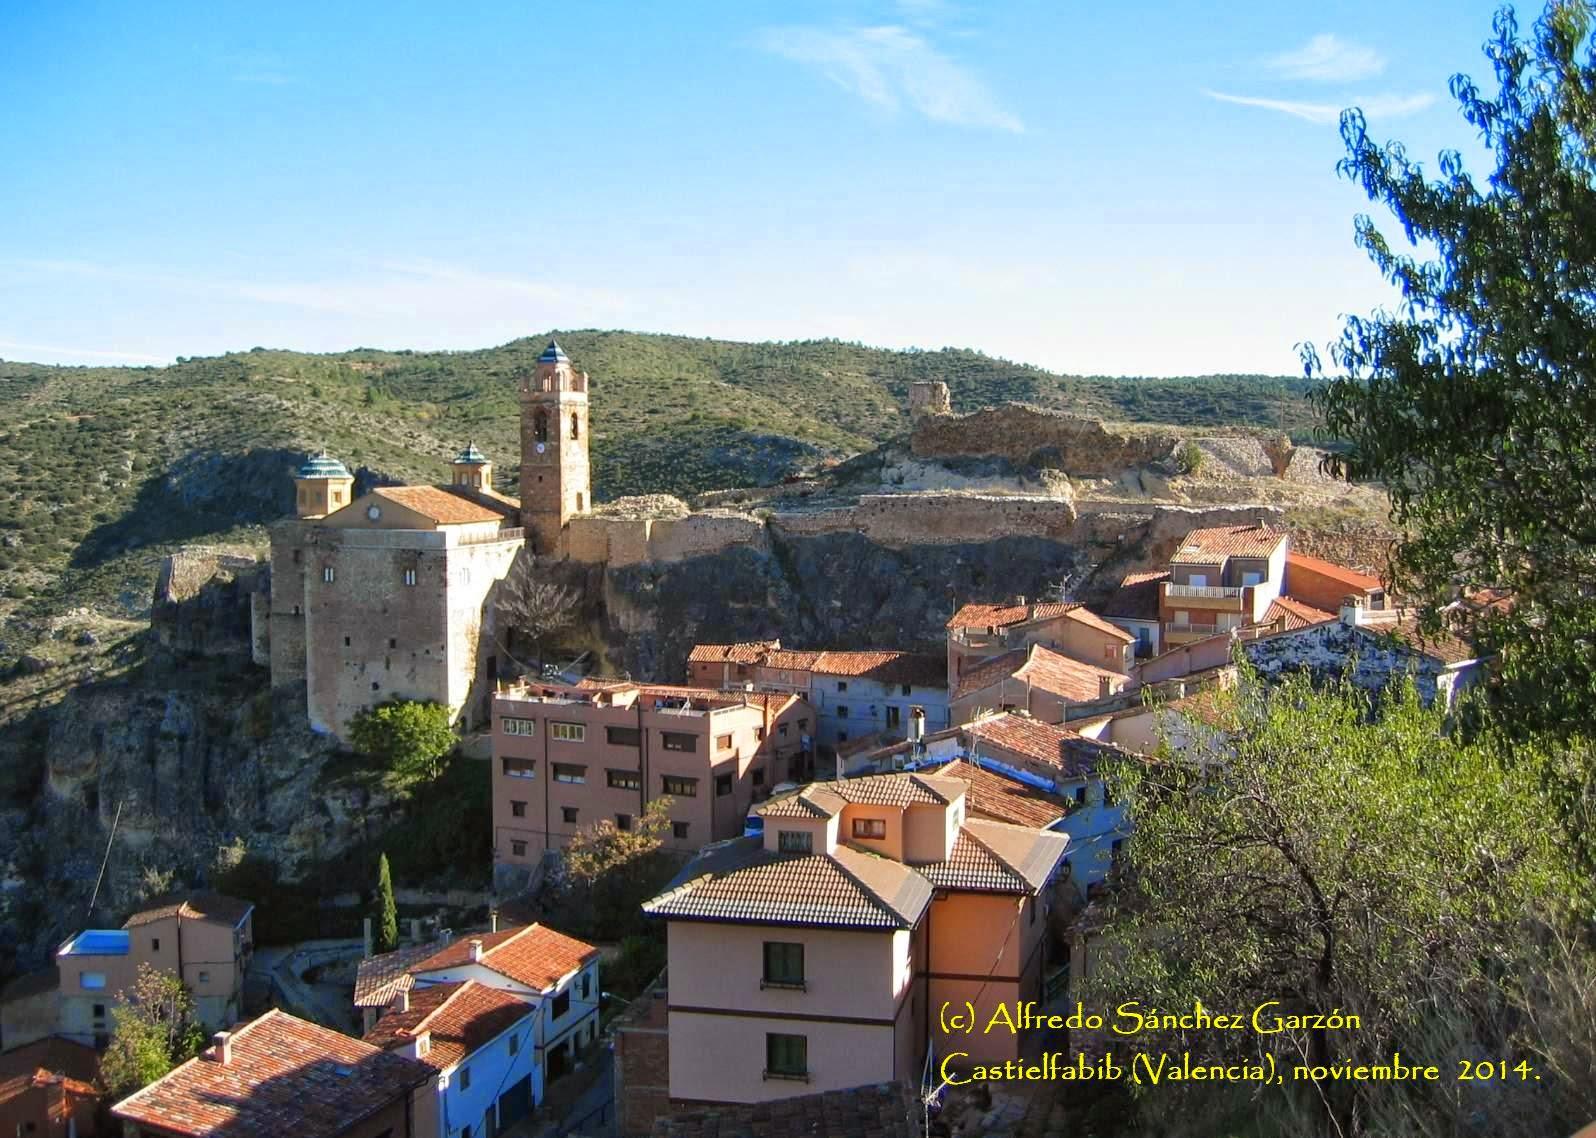 castielfabib-iglesia-fortaleza-caserio